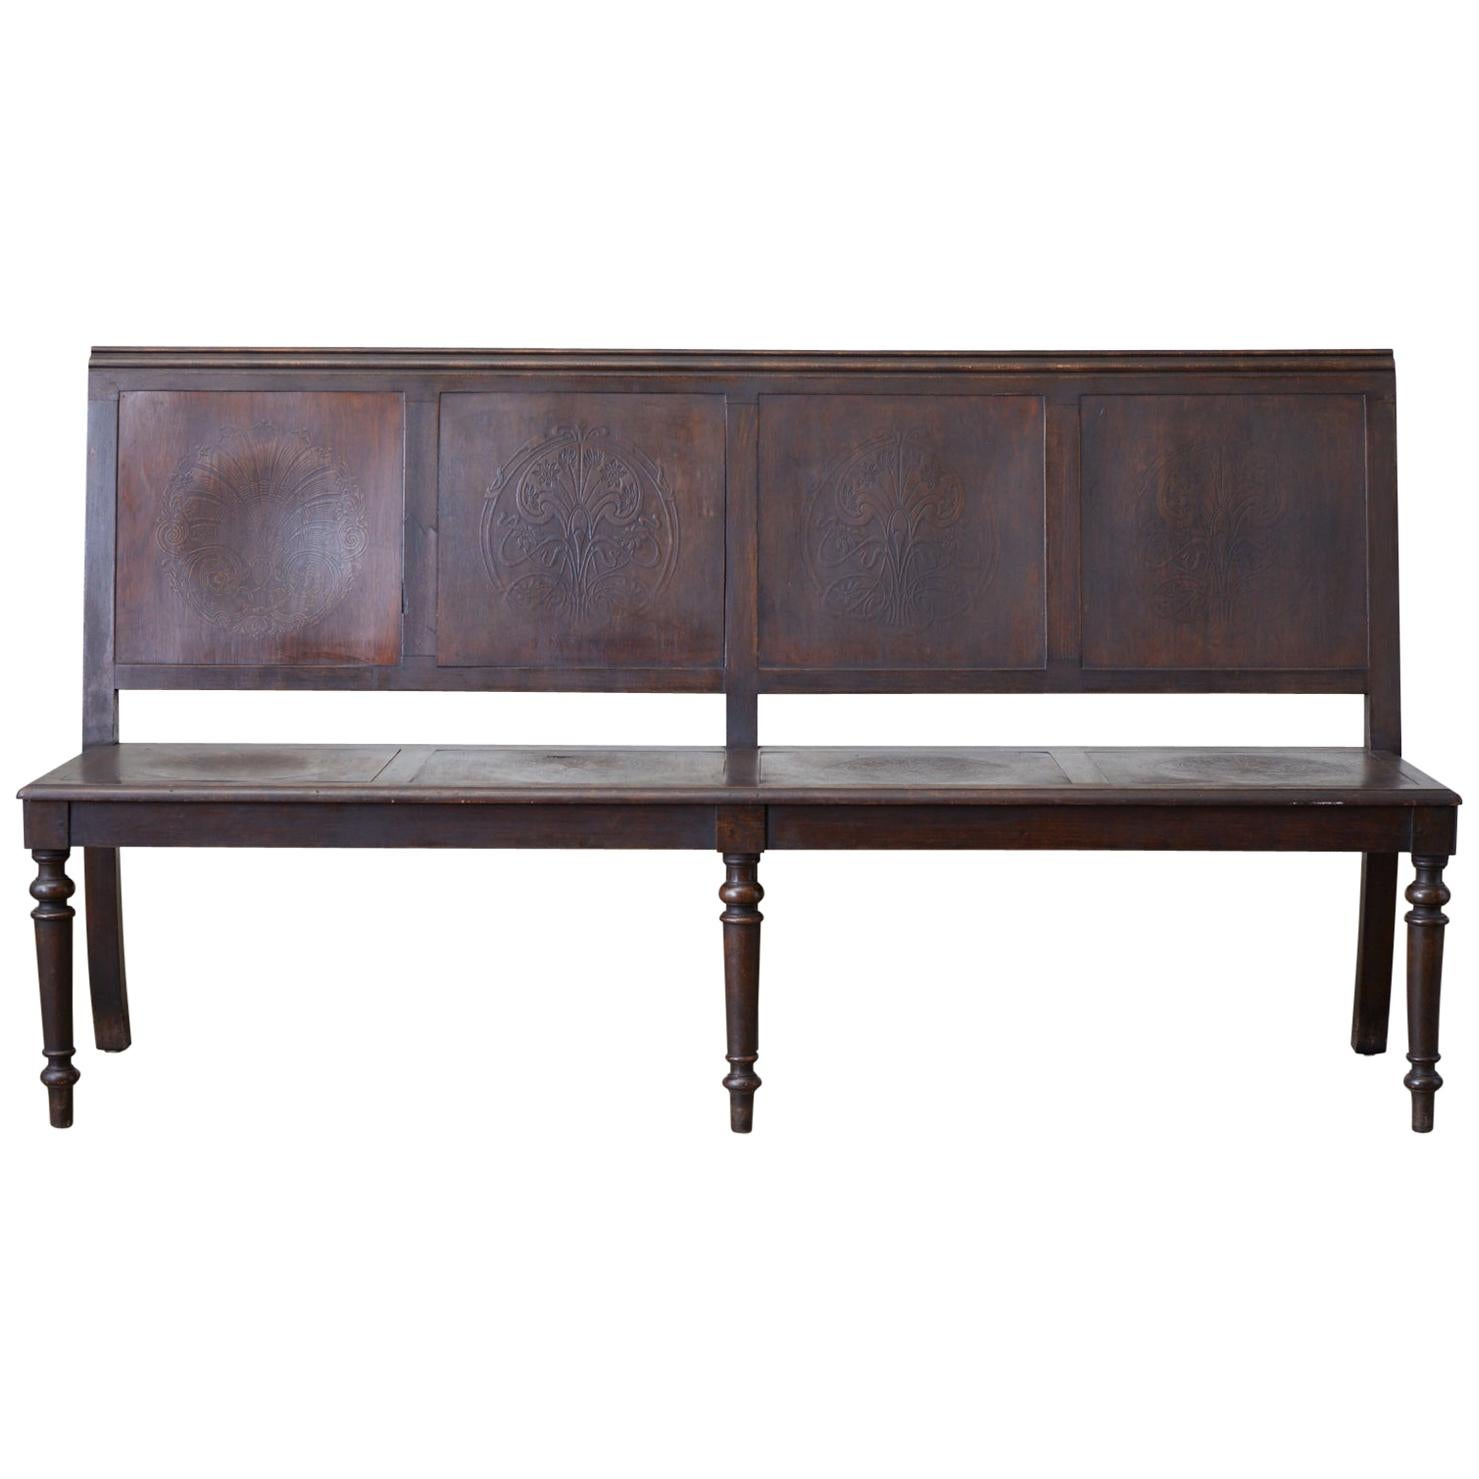 English Oak Bench Settle with Art Nouveau Panels